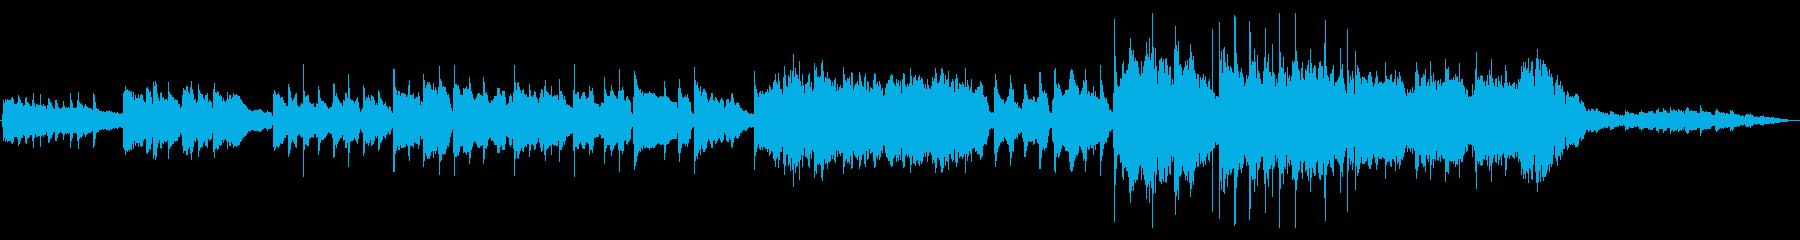 映像作品向け:悲・明の対比あるバラードの再生済みの波形